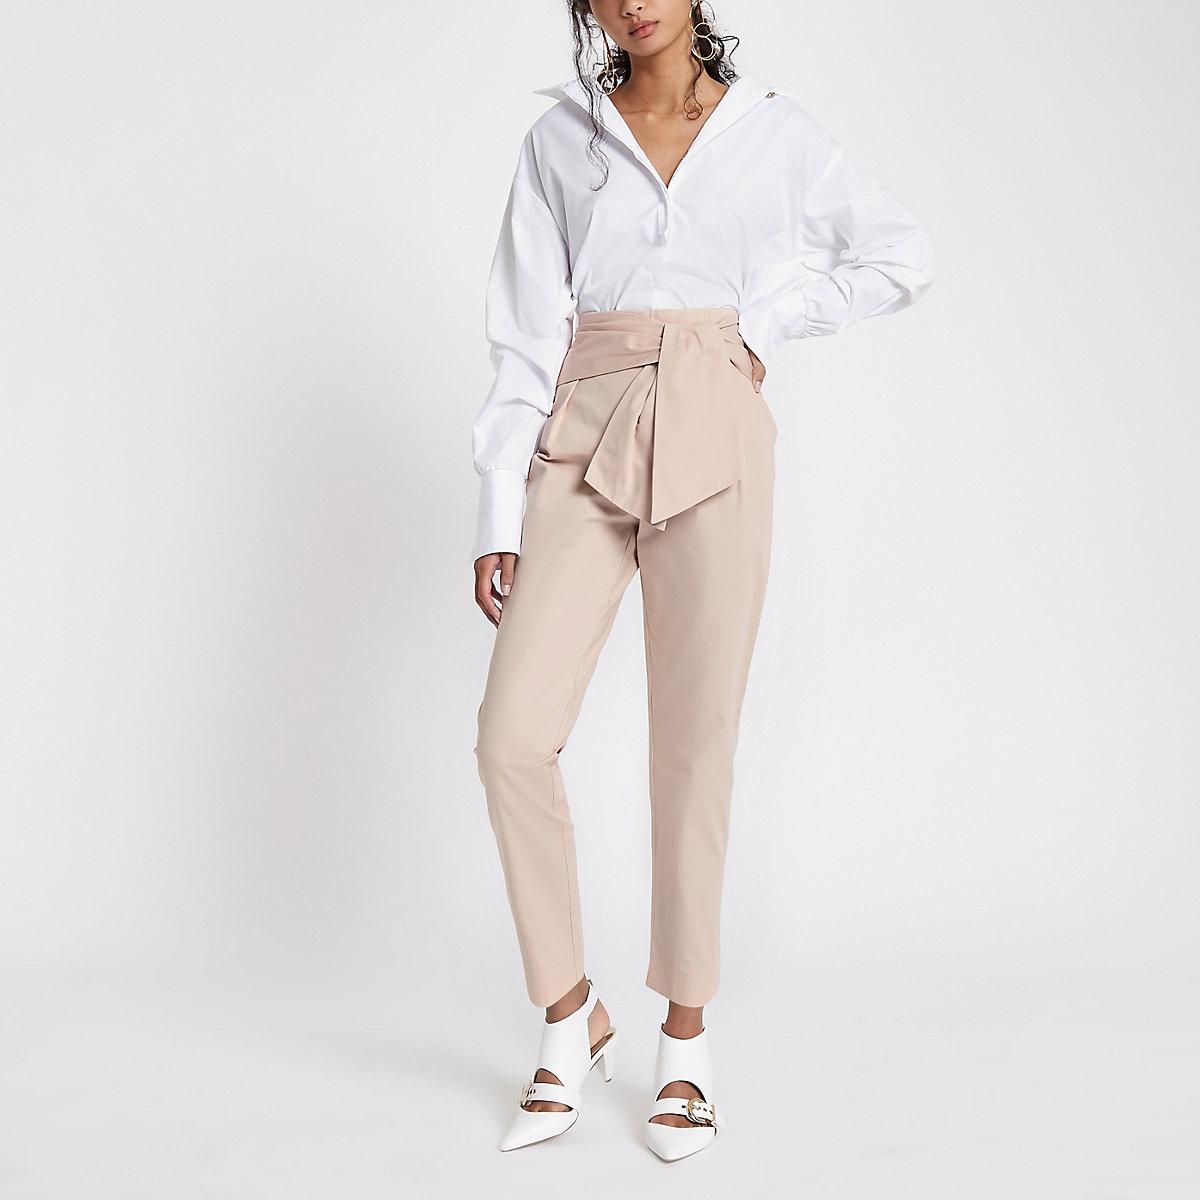 Pink tie front peg pants